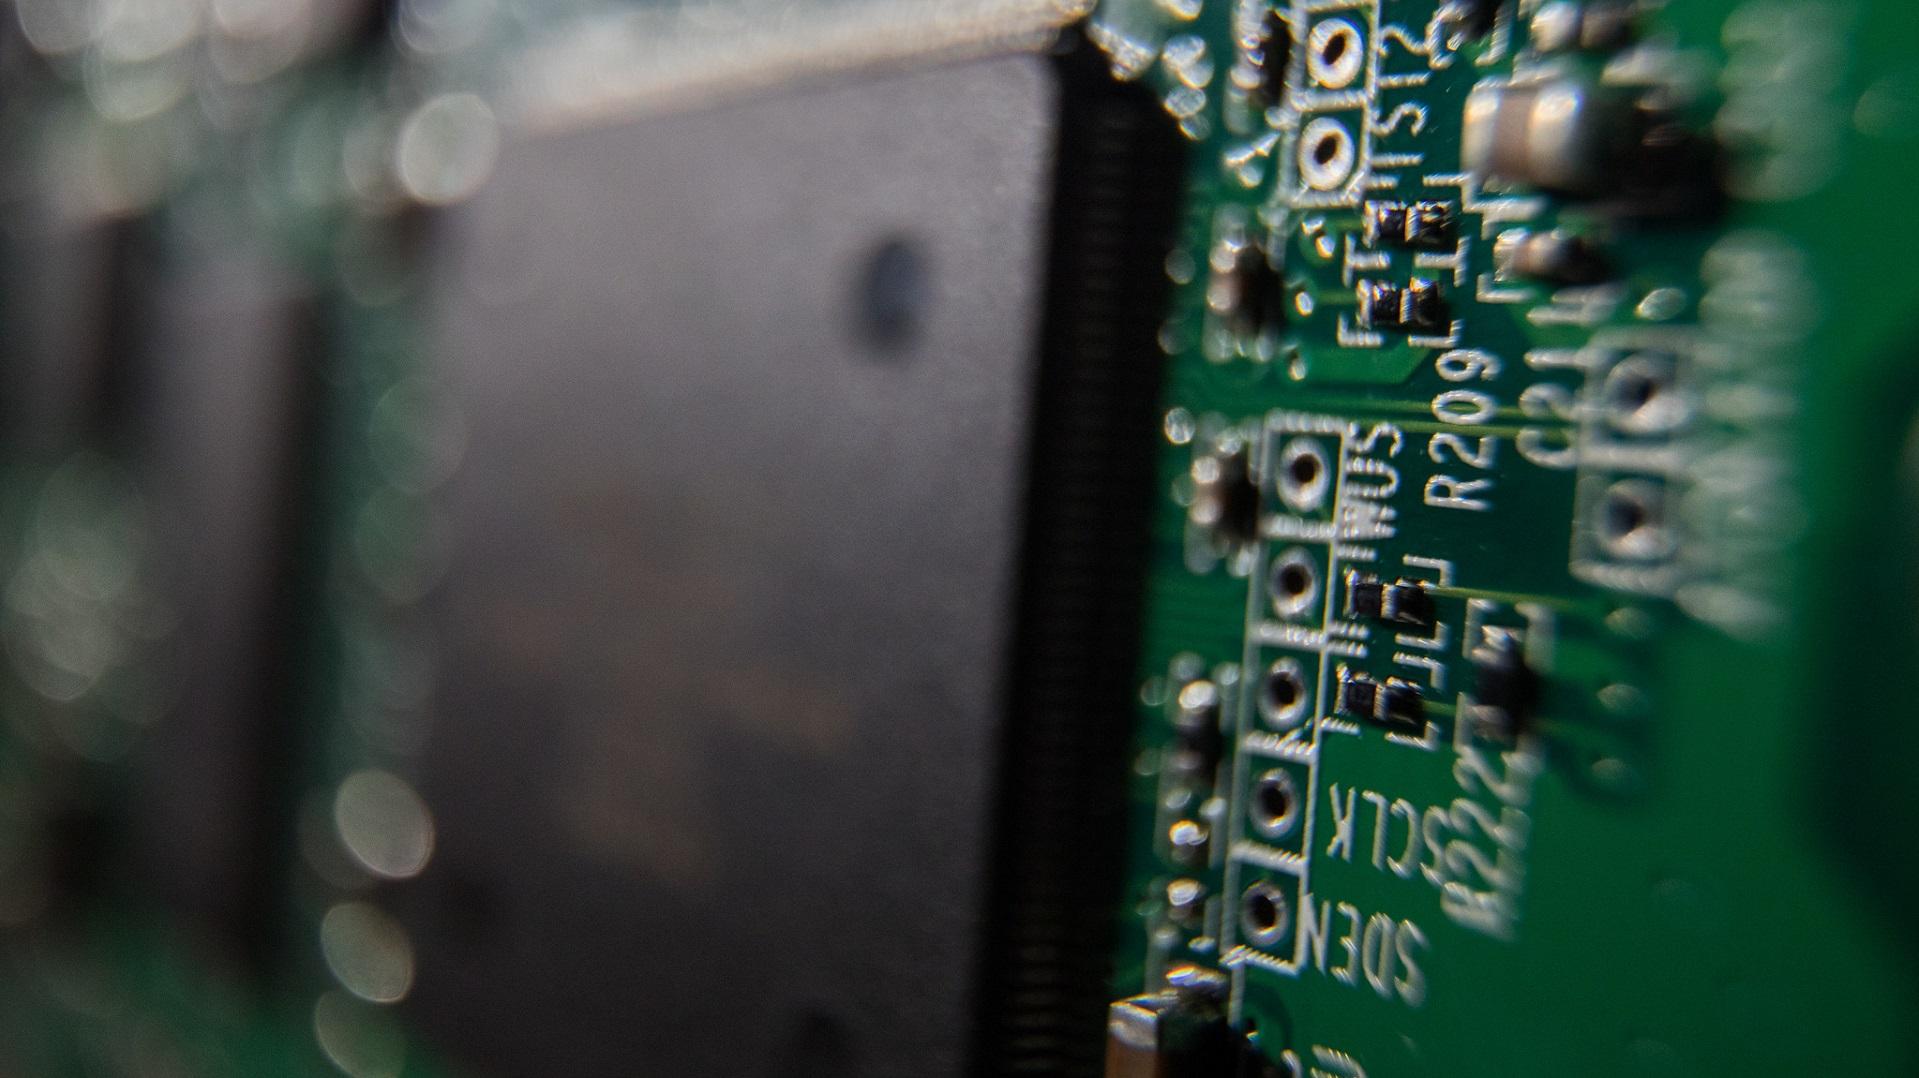 El mayor disco SSD del mundo llega a 100 TB